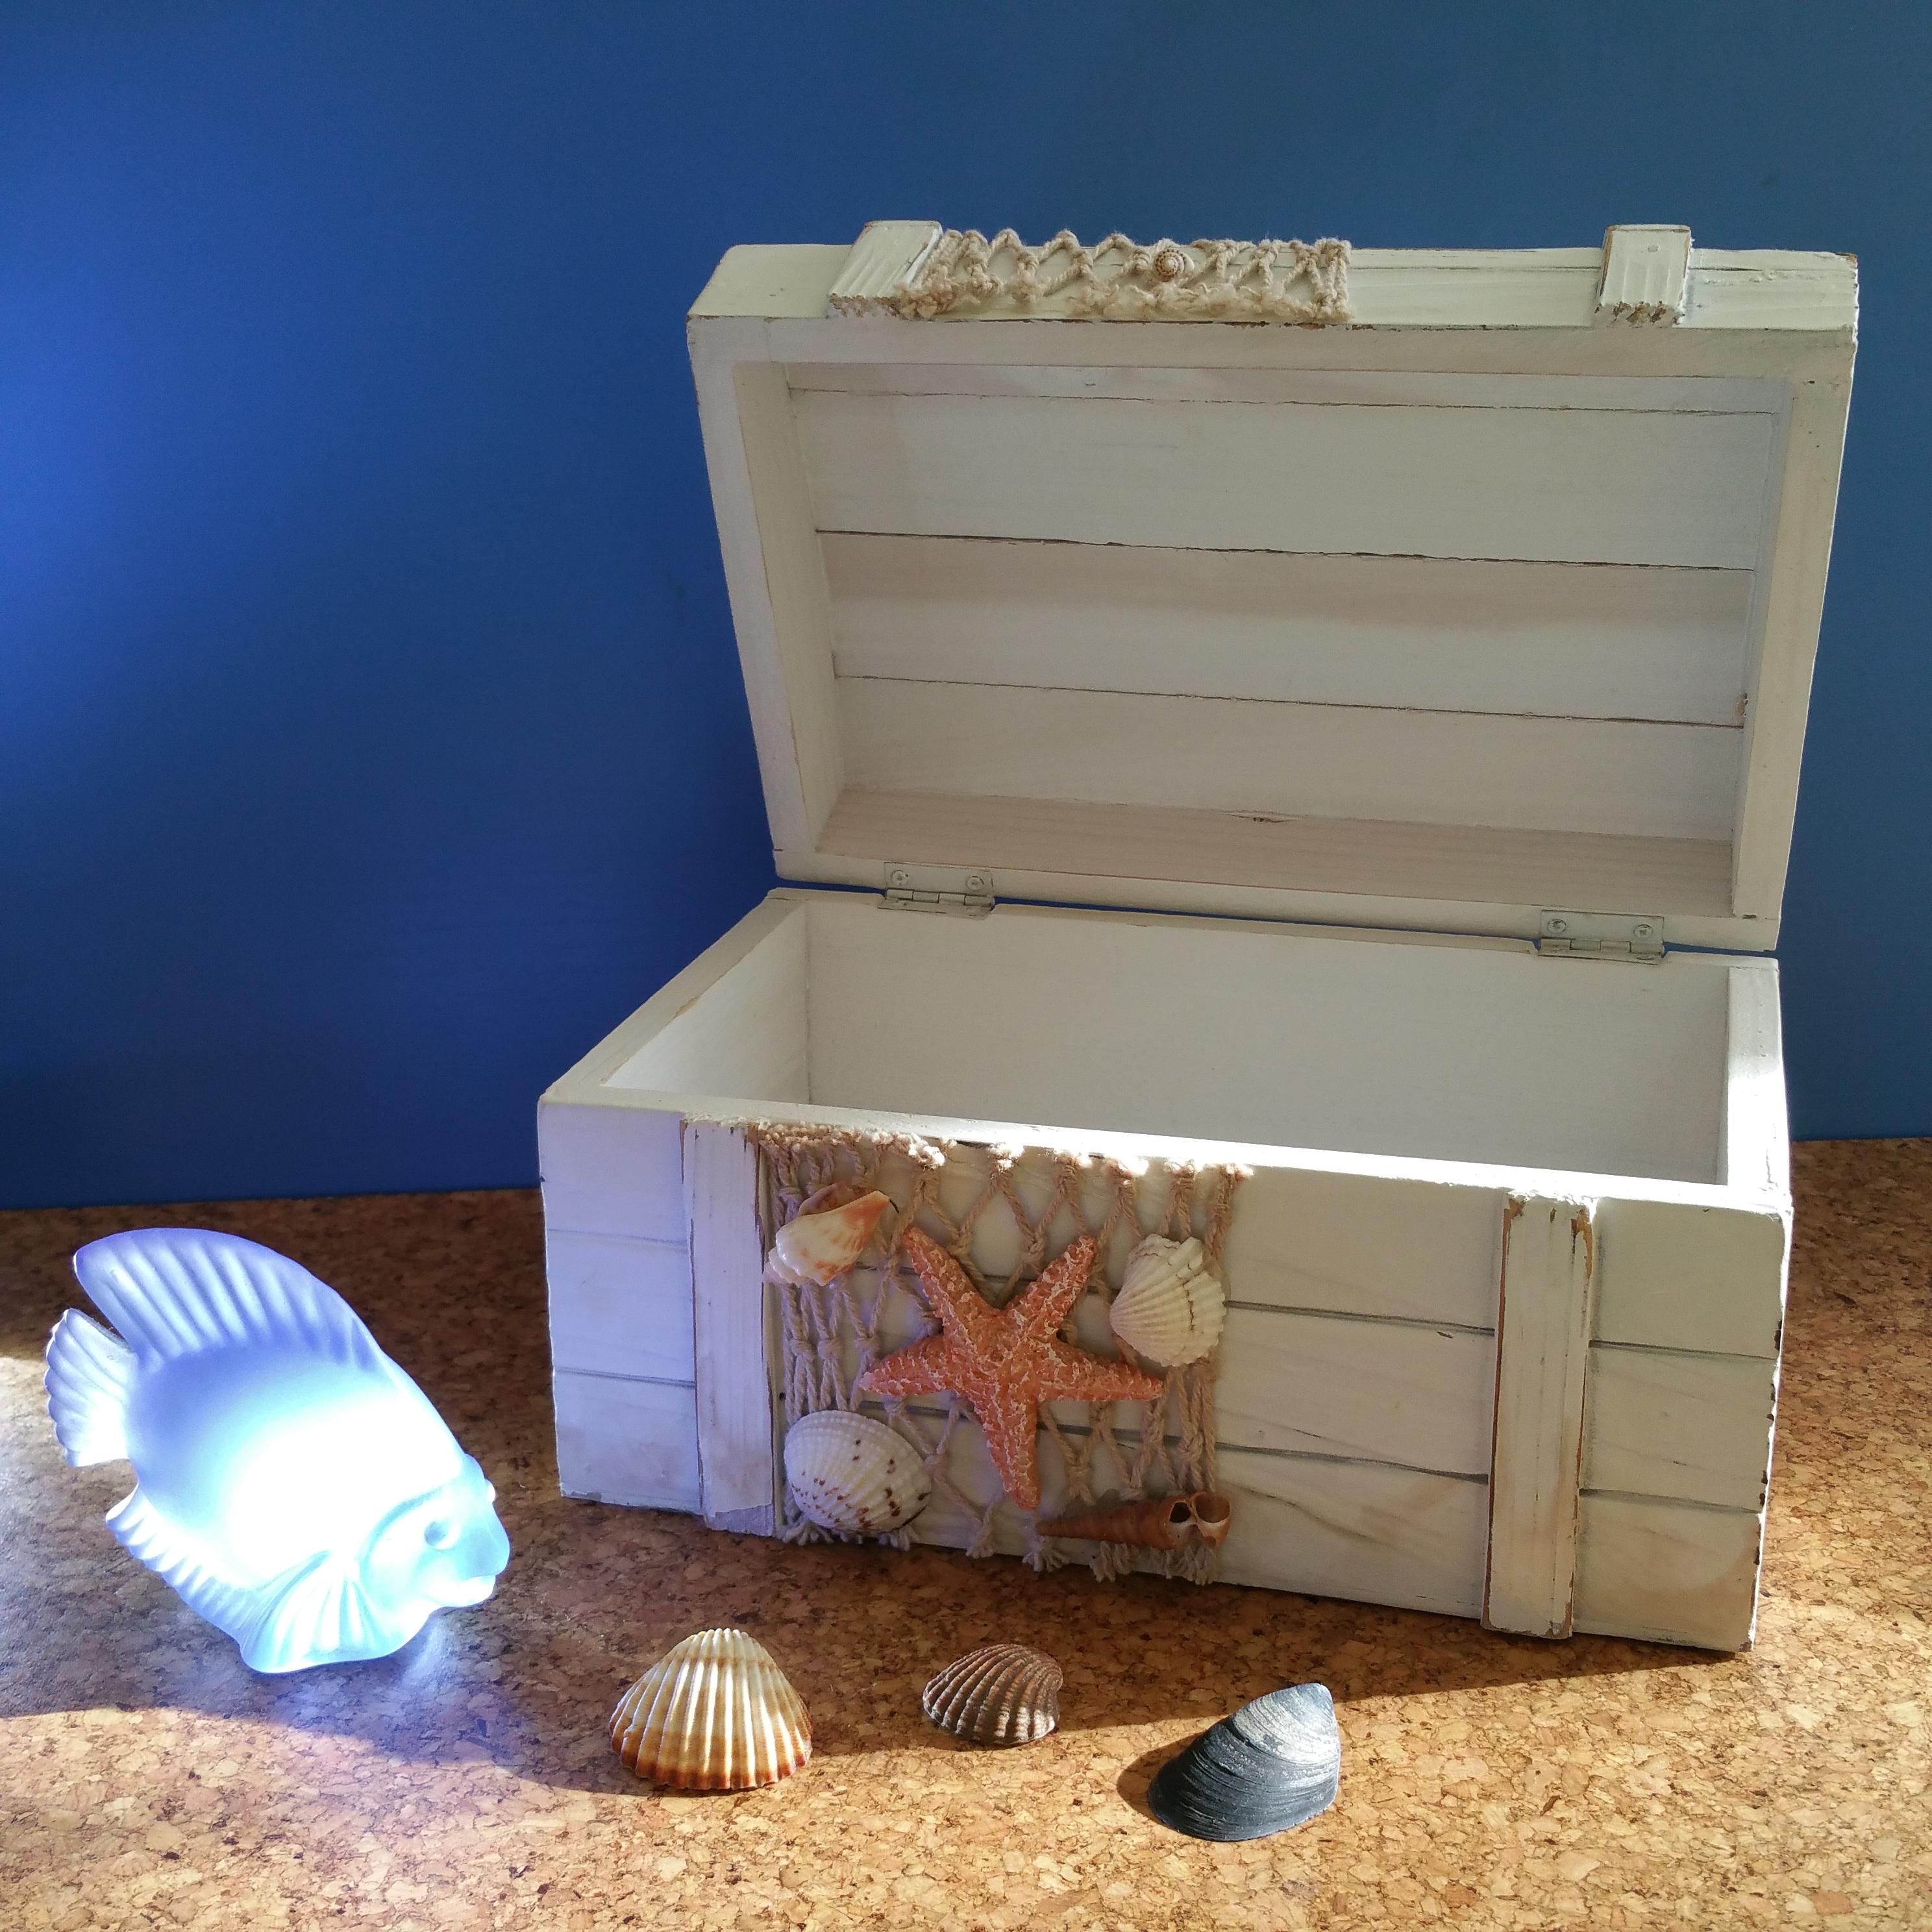 Kostenlose foto : Strand, Holz, Urlaub, Möbel, Fisch, Schale, Brust ...